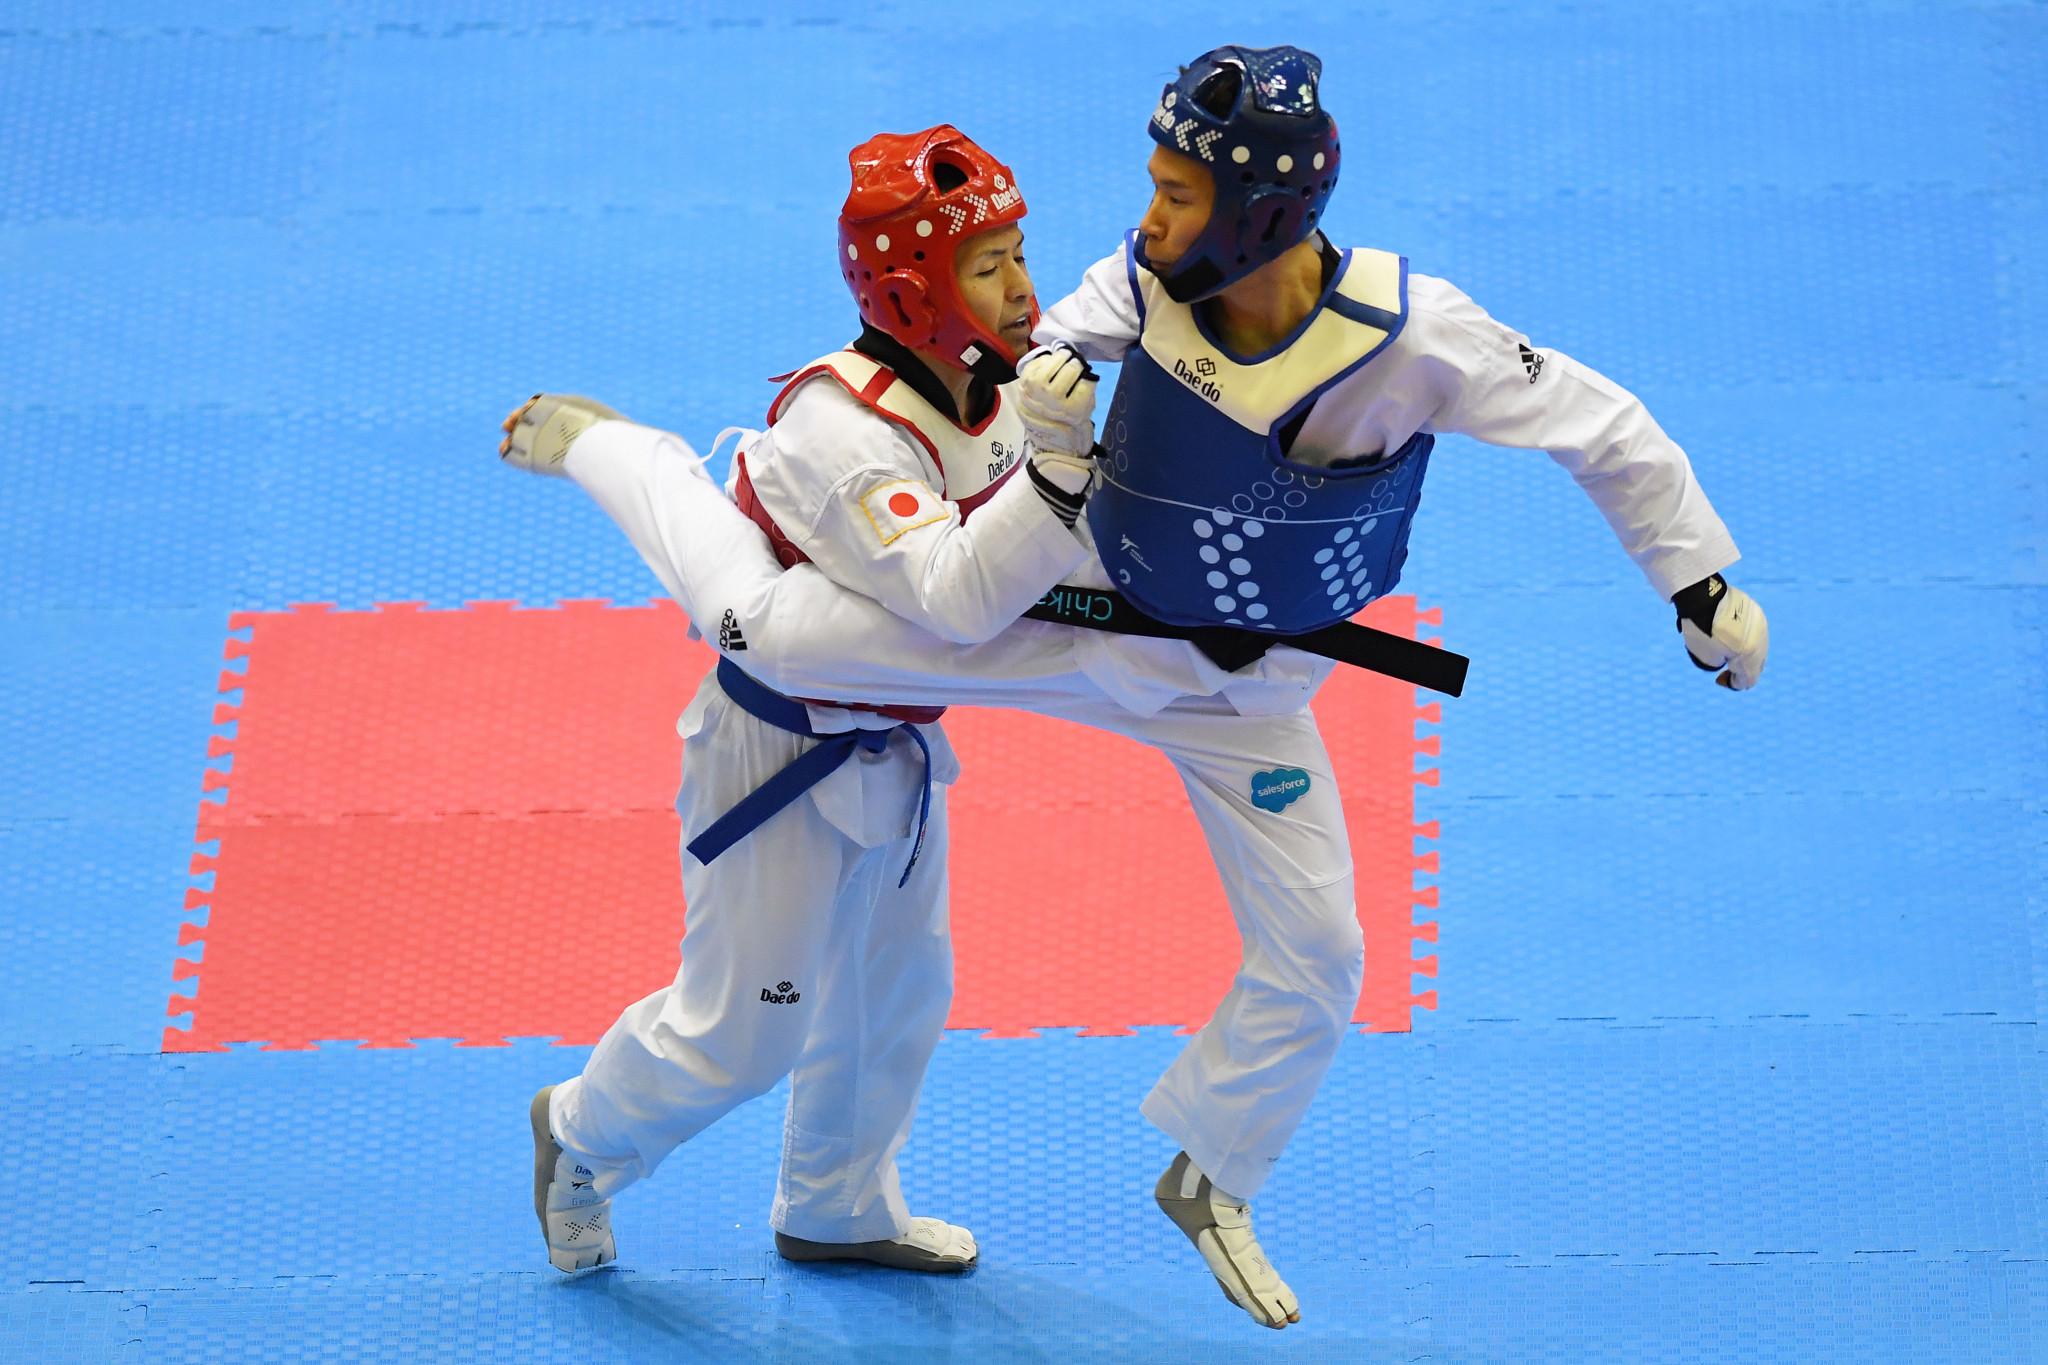 Para-taekwondo is set to make its Paralympic debut at Tokyo 2020 ©Getty Images